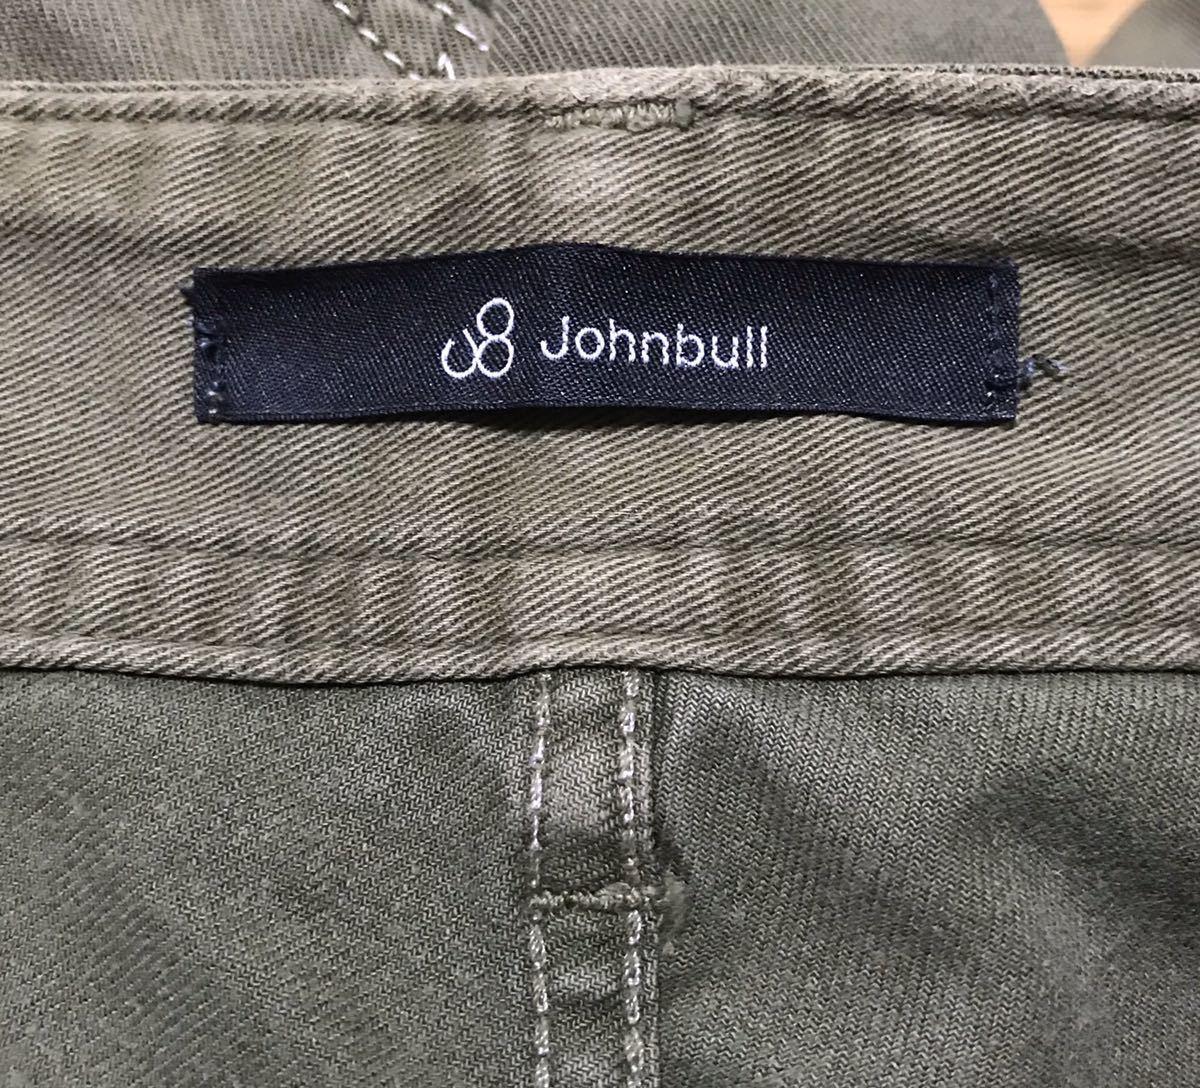 Johnbull(ジョンブル) ワンサイデッドカーゴパンツ Mサイズ カーキ